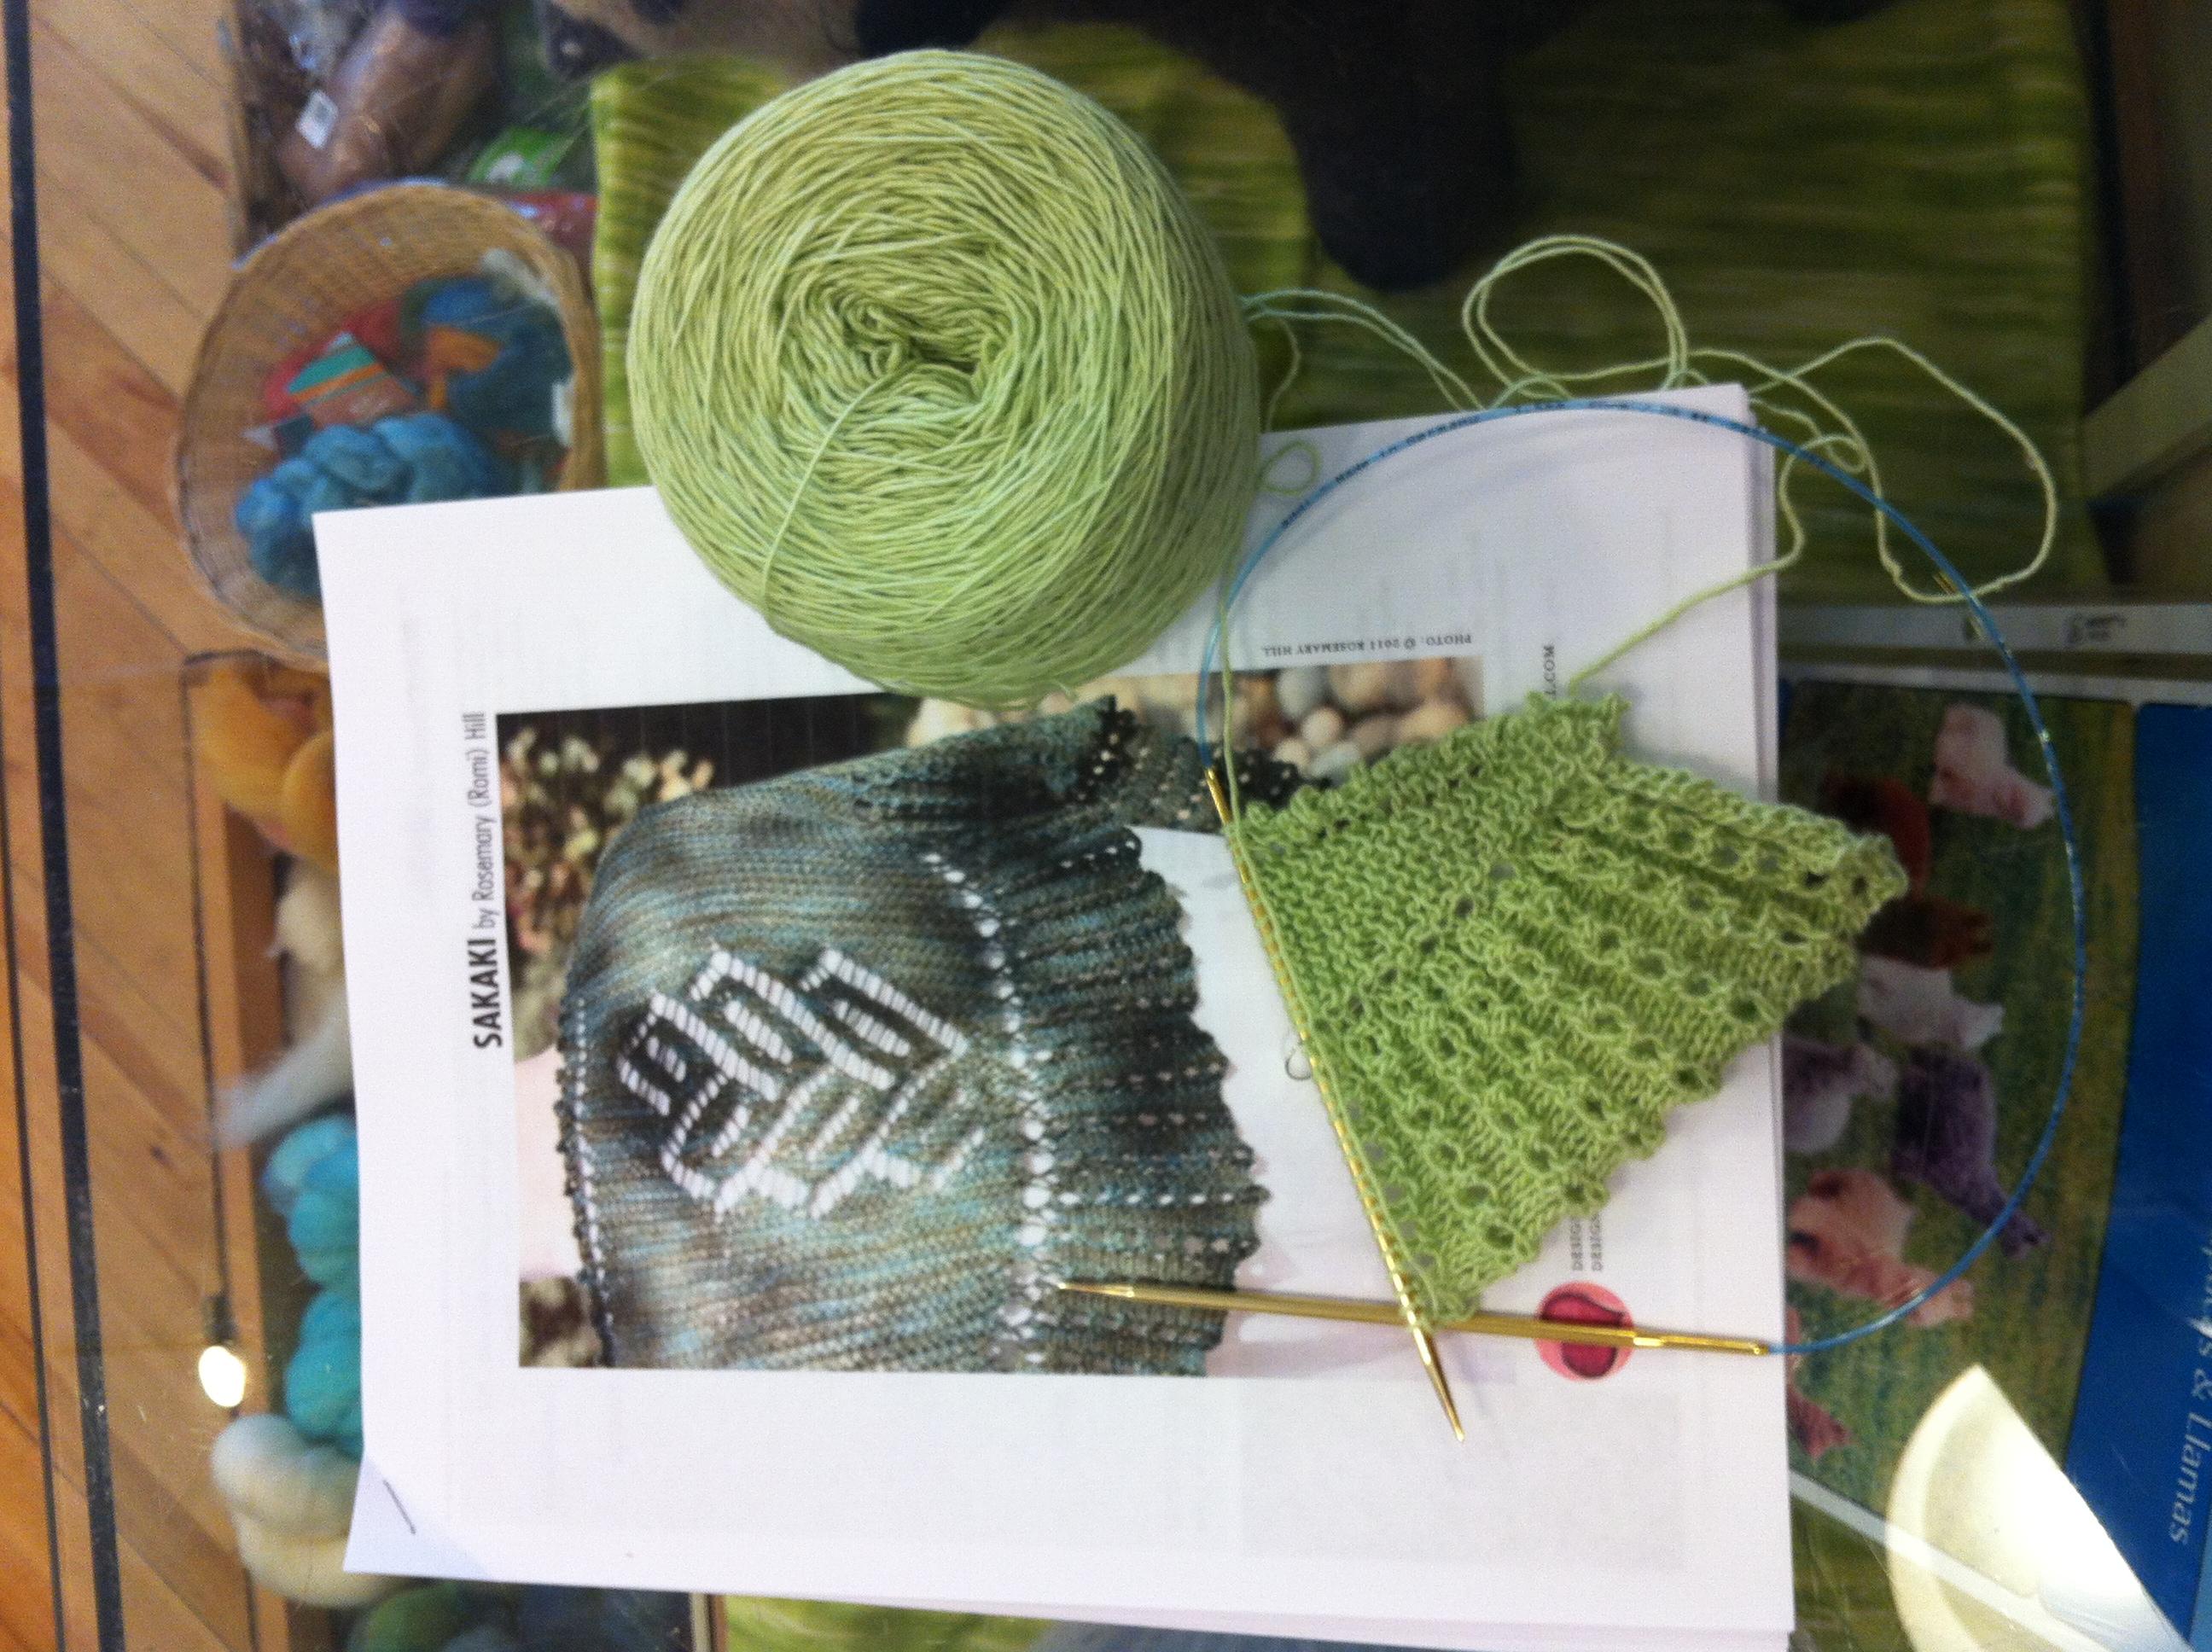 Have a yarn make6